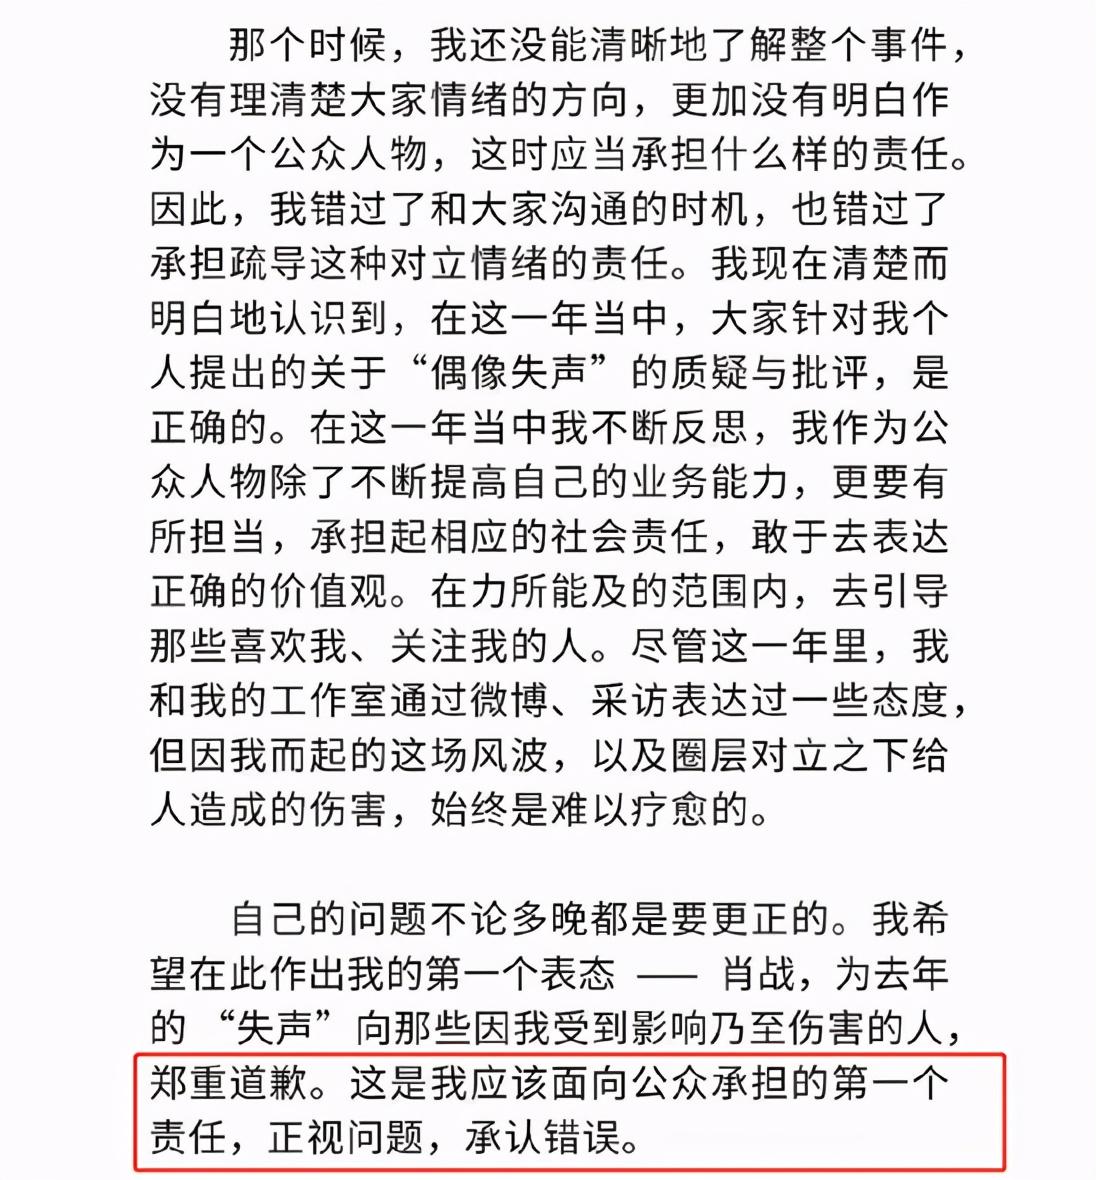 肖战正式道歉:向事件受伤害的人道歉,为素人时期不当言论道歉